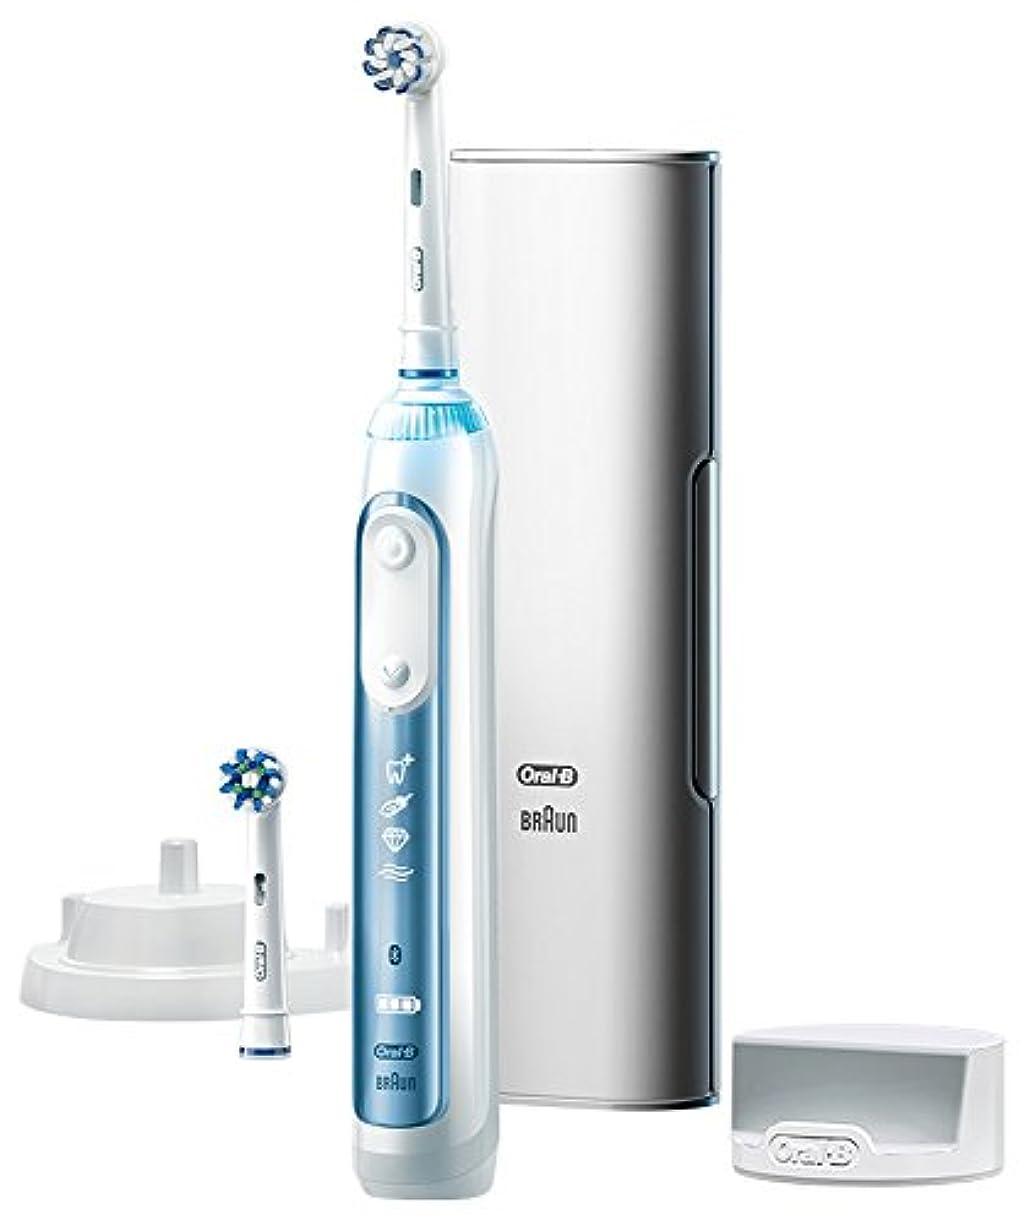 関連付けるの慈悲で粘土ブラウン オーラルB 電動歯ブラシ スマート7000 D7005245XP D7005245XP